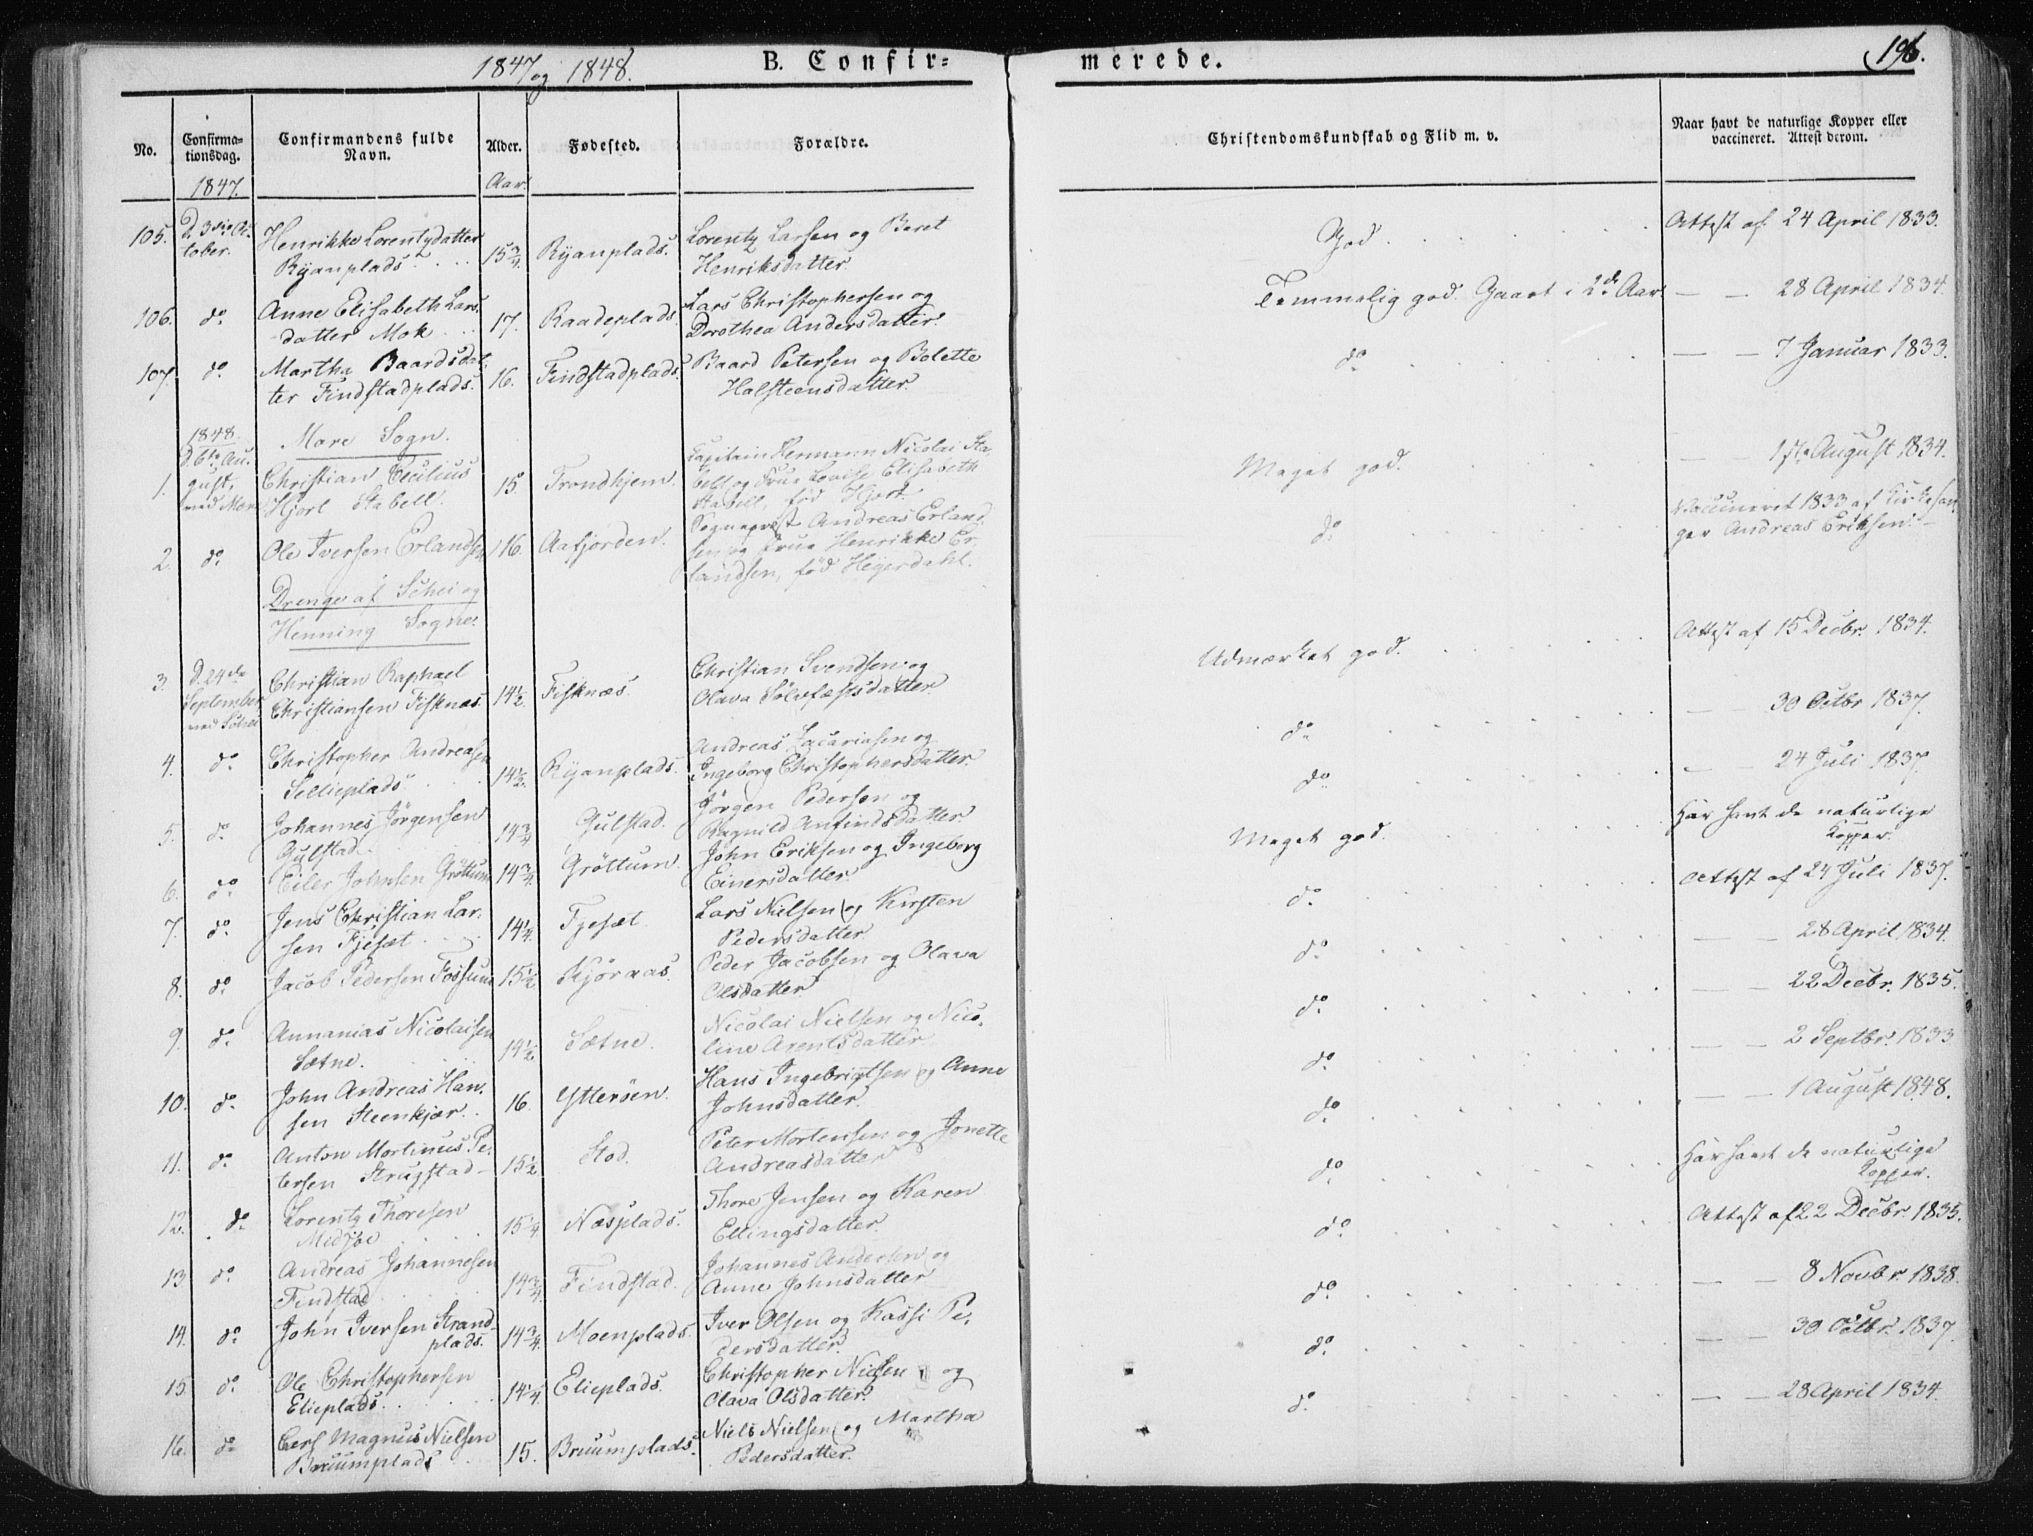 SAT, Ministerialprotokoller, klokkerbøker og fødselsregistre - Nord-Trøndelag, 735/L0339: Ministerialbok nr. 735A06 /1, 1836-1848, s. 196